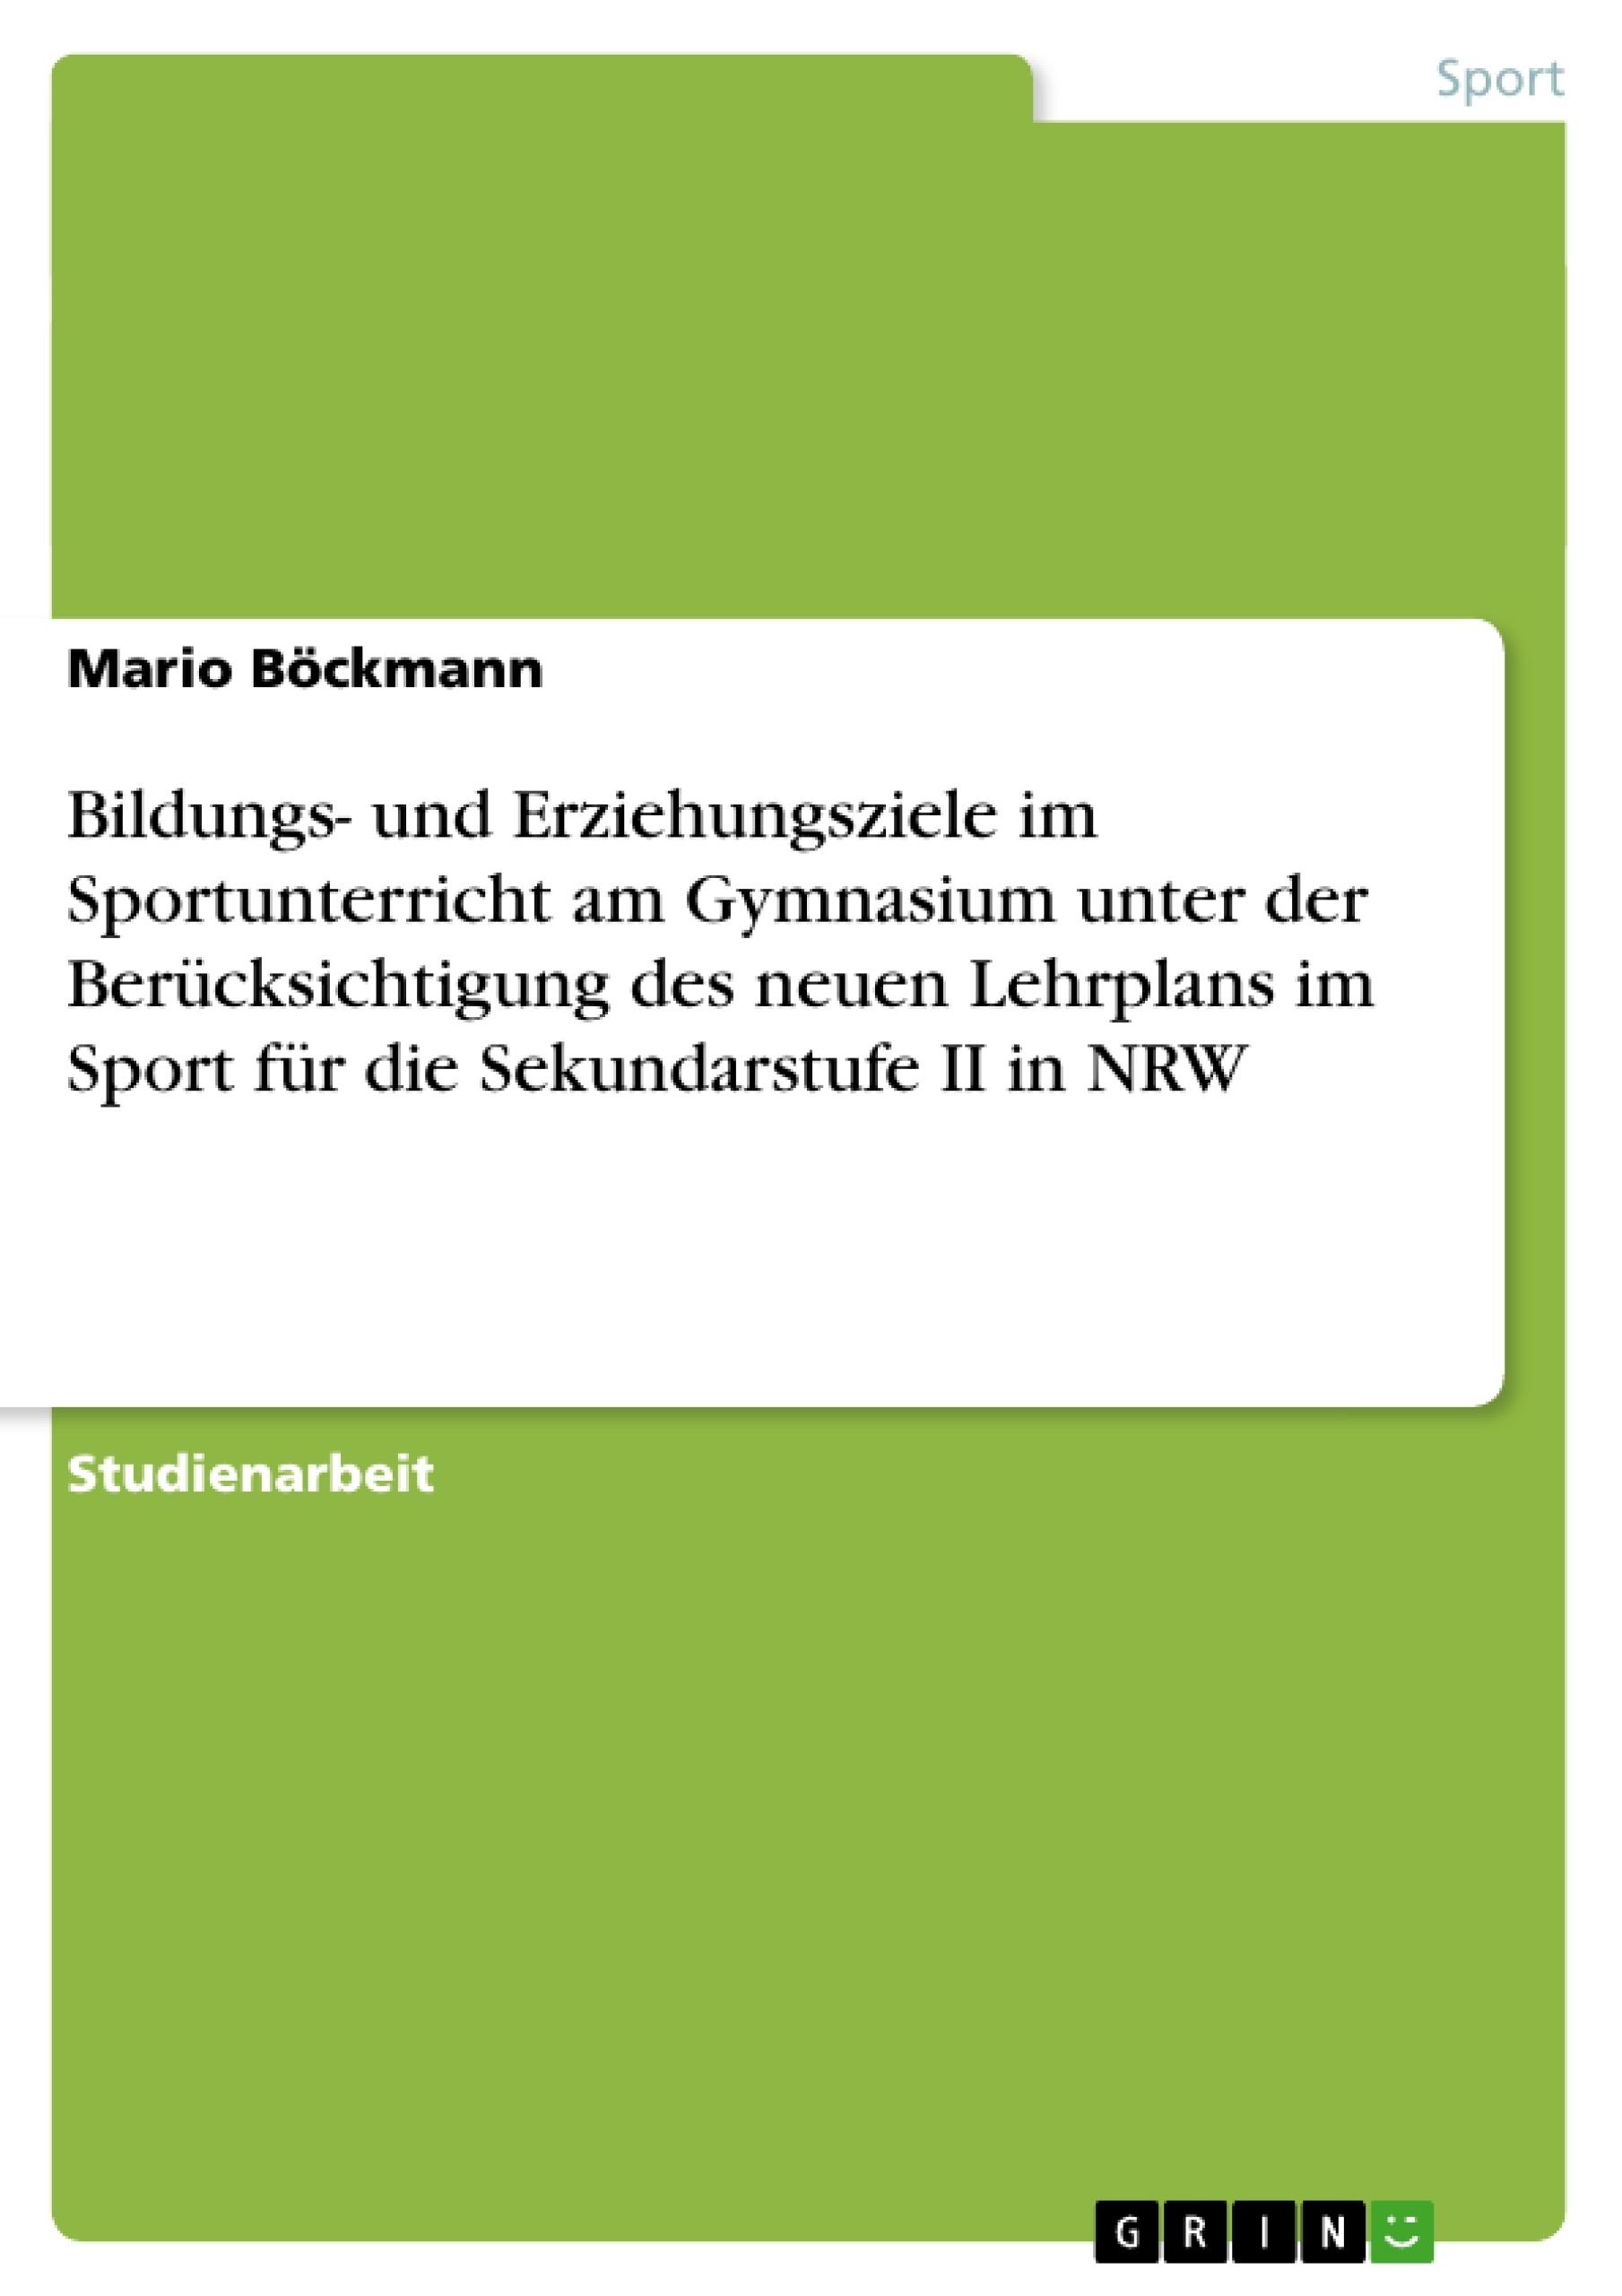 Titel: Bildungs- und Erziehungsziele im Sportunterricht am Gymnasium unter der Berücksichtigung des neuen Lehrplans im Sport für die Sekundarstufe II in NRW